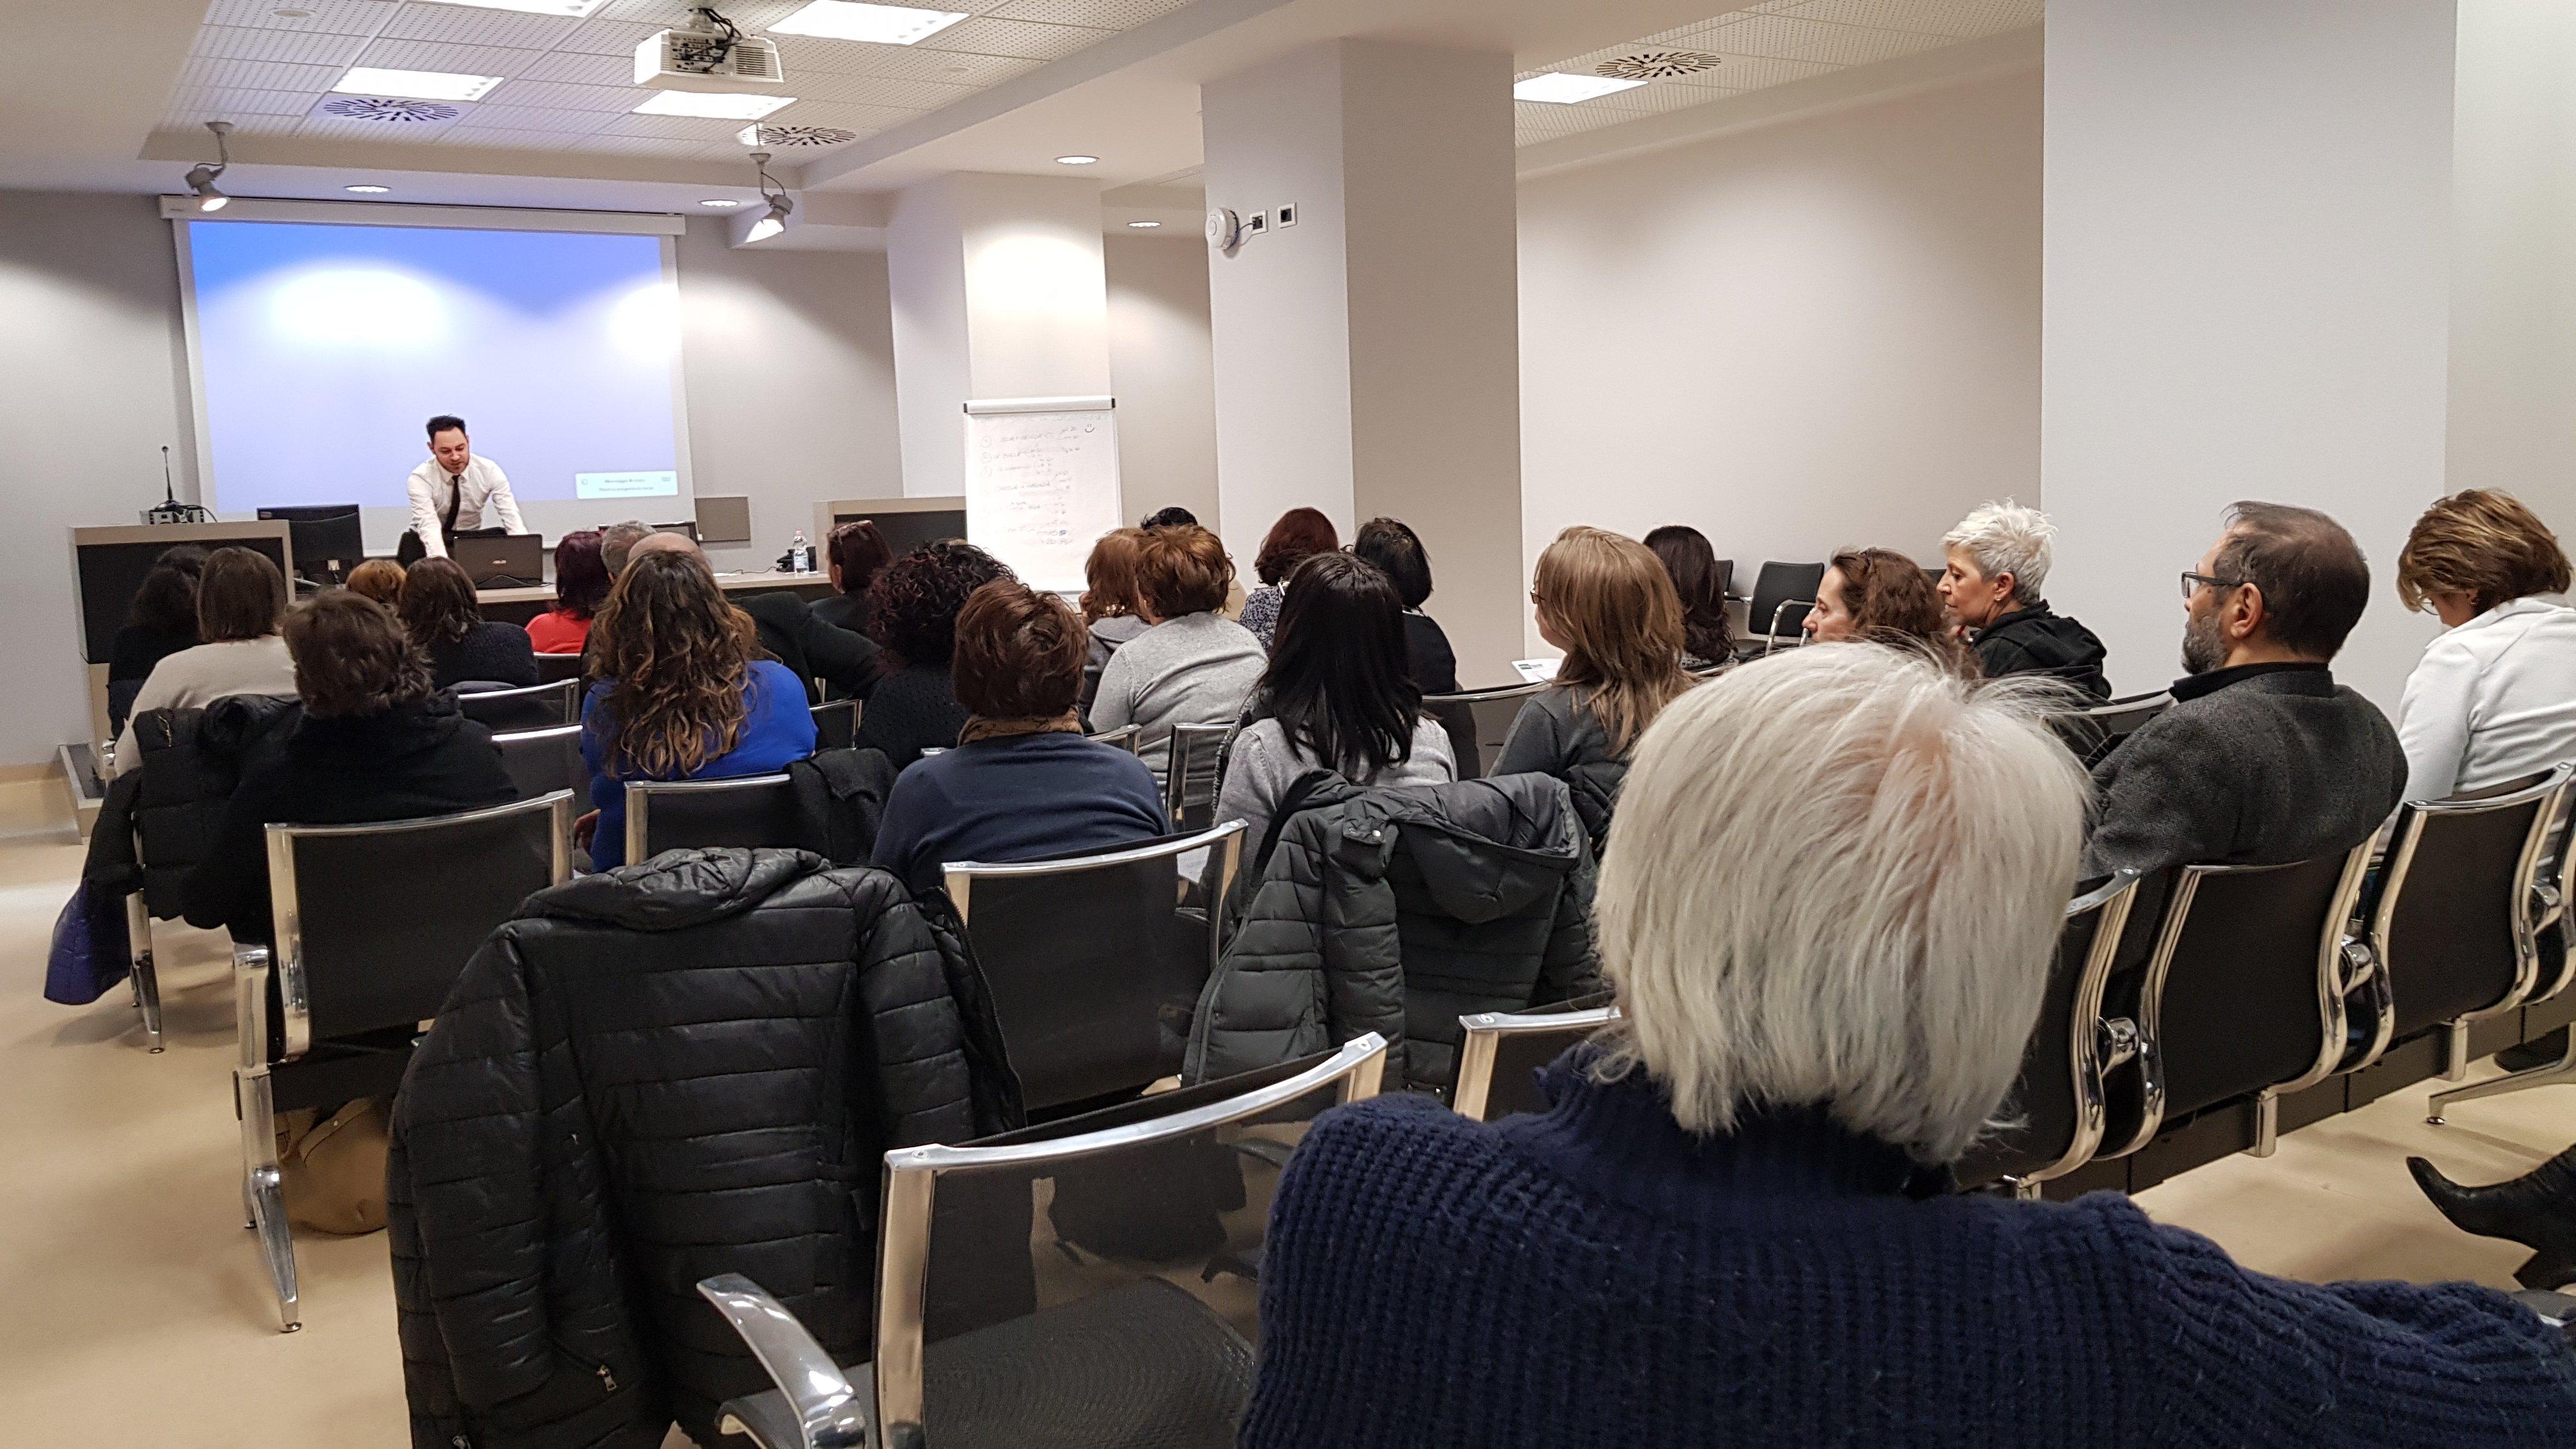 Iodice Francesco Umberto Novara - Corso di formazione ECM FIALS - Ospedale S. Giovanni Bosco Torino (8)